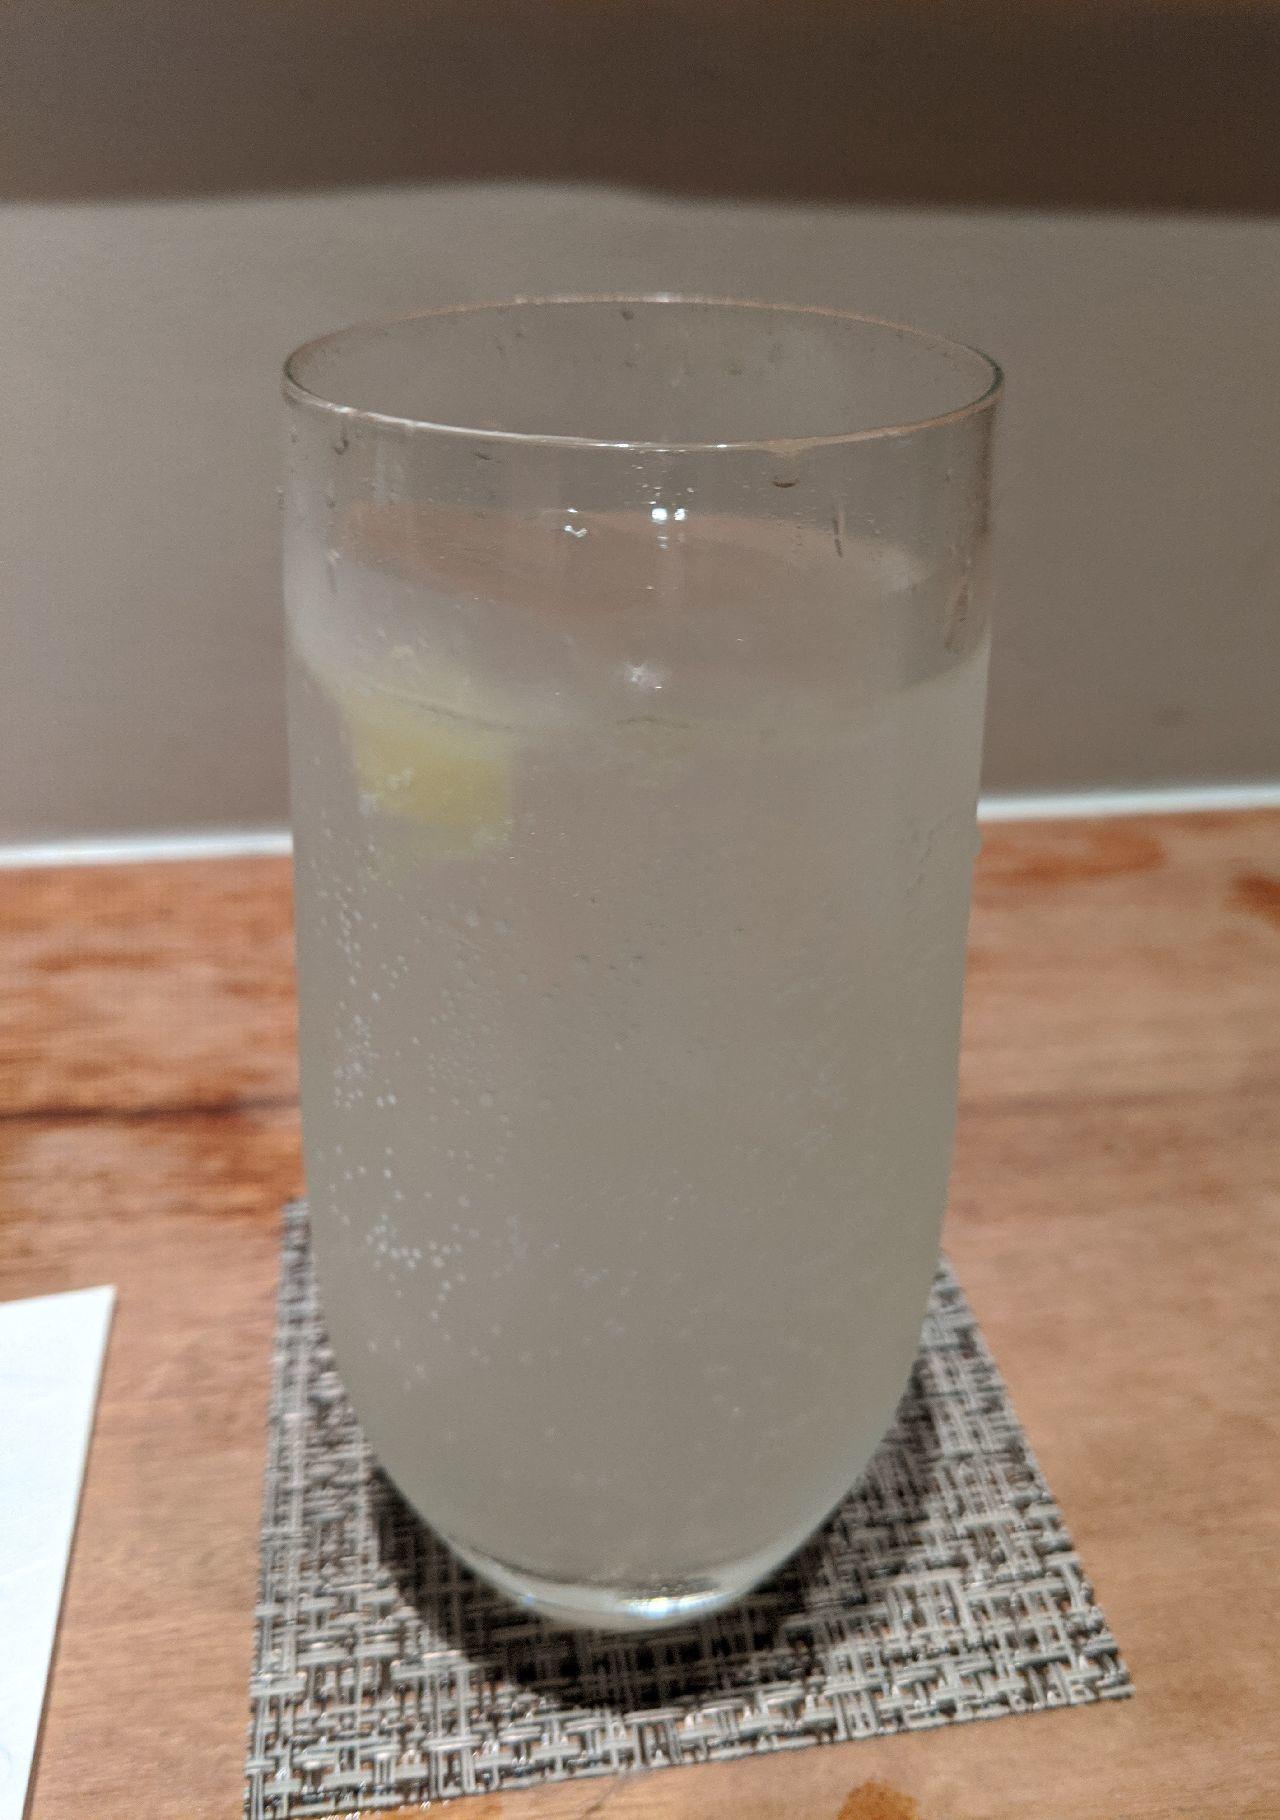 MVIMG_20200711_190722自家製レモンサワー